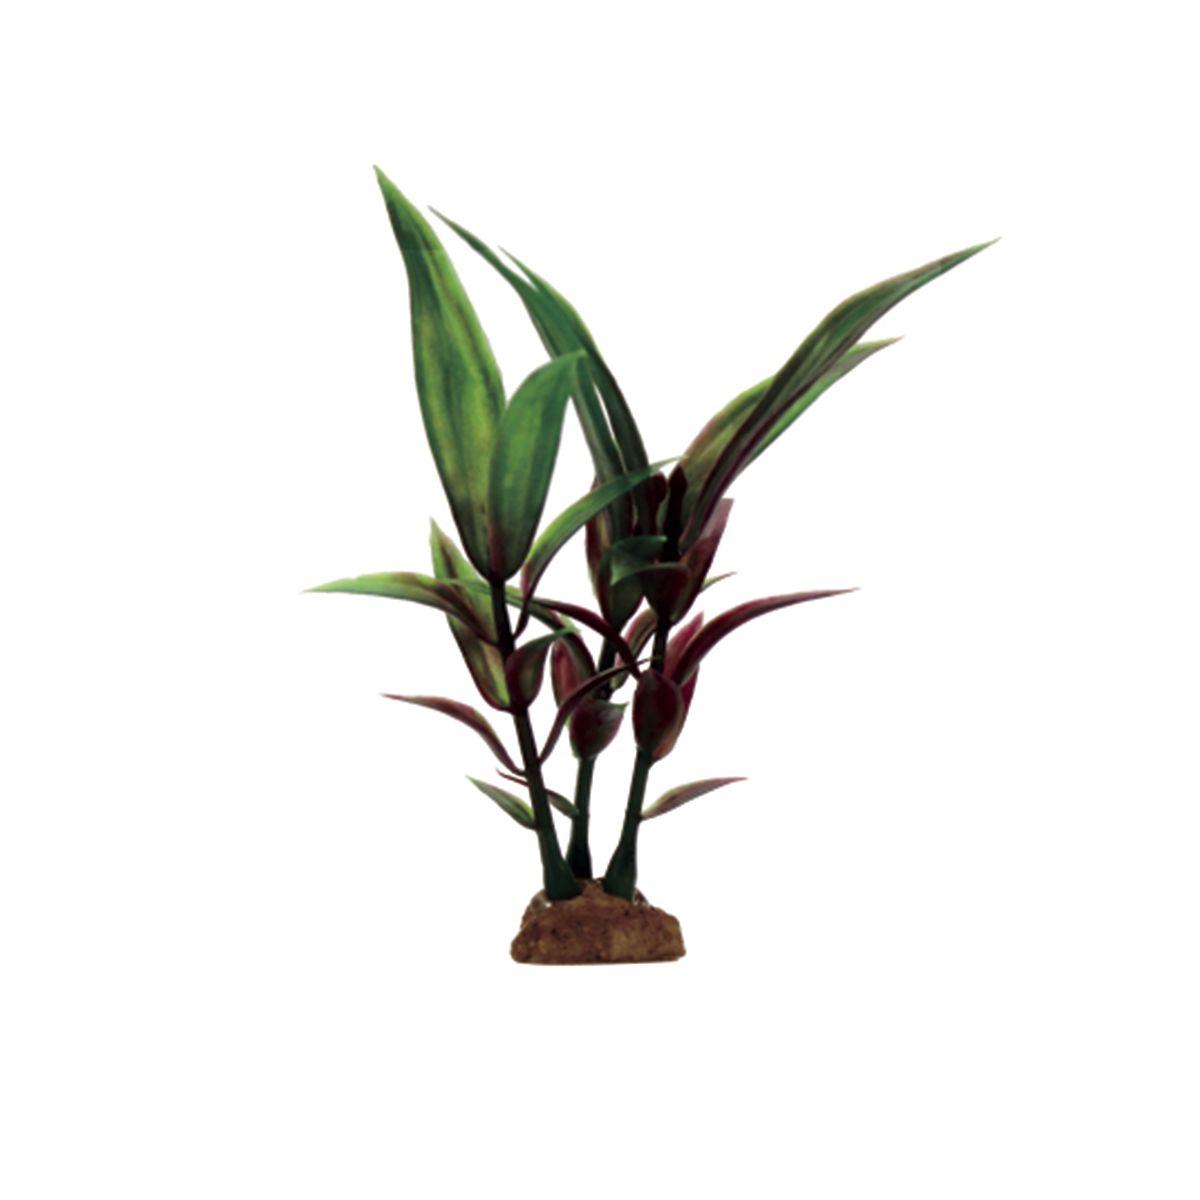 Растение для аквариума ArtUniq Гигрофила сиамская красная, высота 10 см, 6 штART-1170515Растение для аквариума ArtUniq Гигрофила сиамская красная, высота 10 см, 6 шт